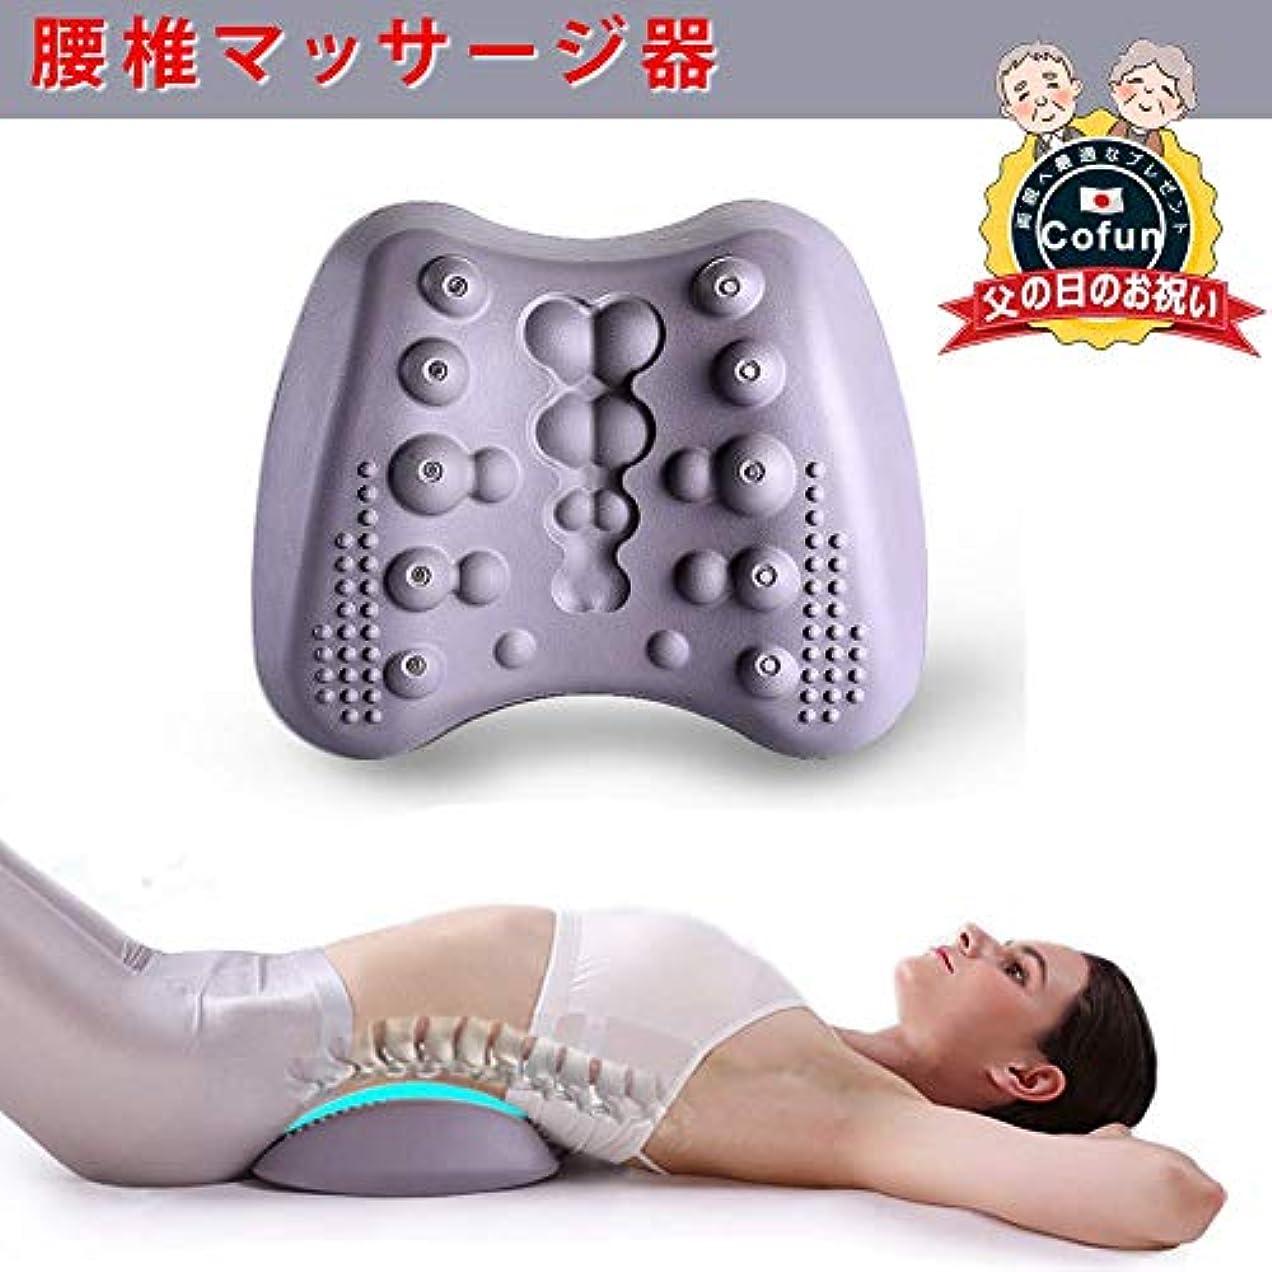 思春期のピックいらいらさせる腰椎矯正器 腰マッサージ器 脊椎牽引器 腰部パッド マグネット指圧 疲労を和らげる 腰痛を和らげる 旅行、家庭